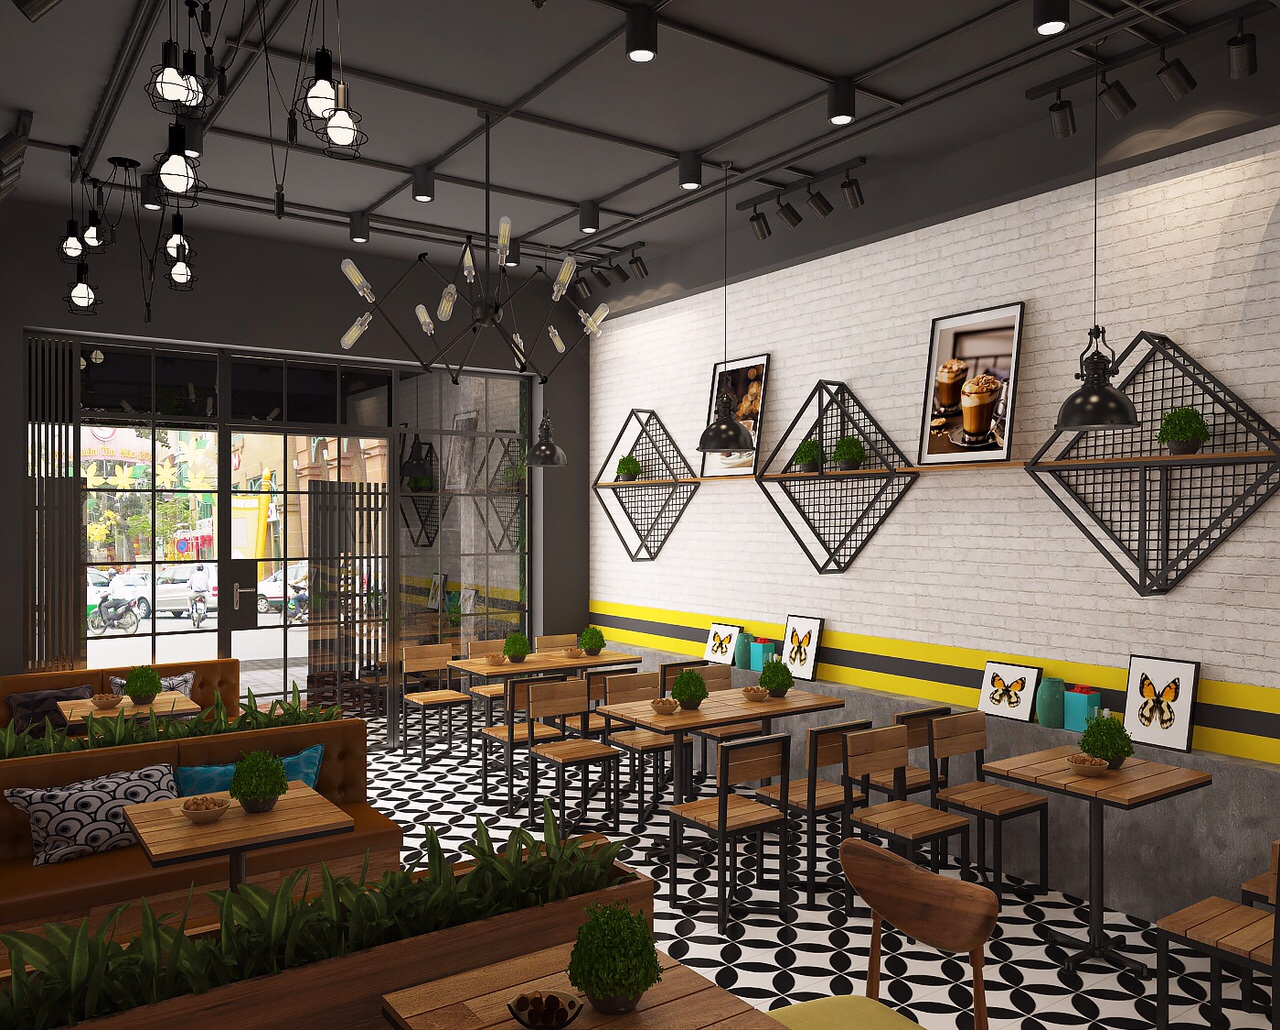 thiết kế kiến trúc nhà hàng